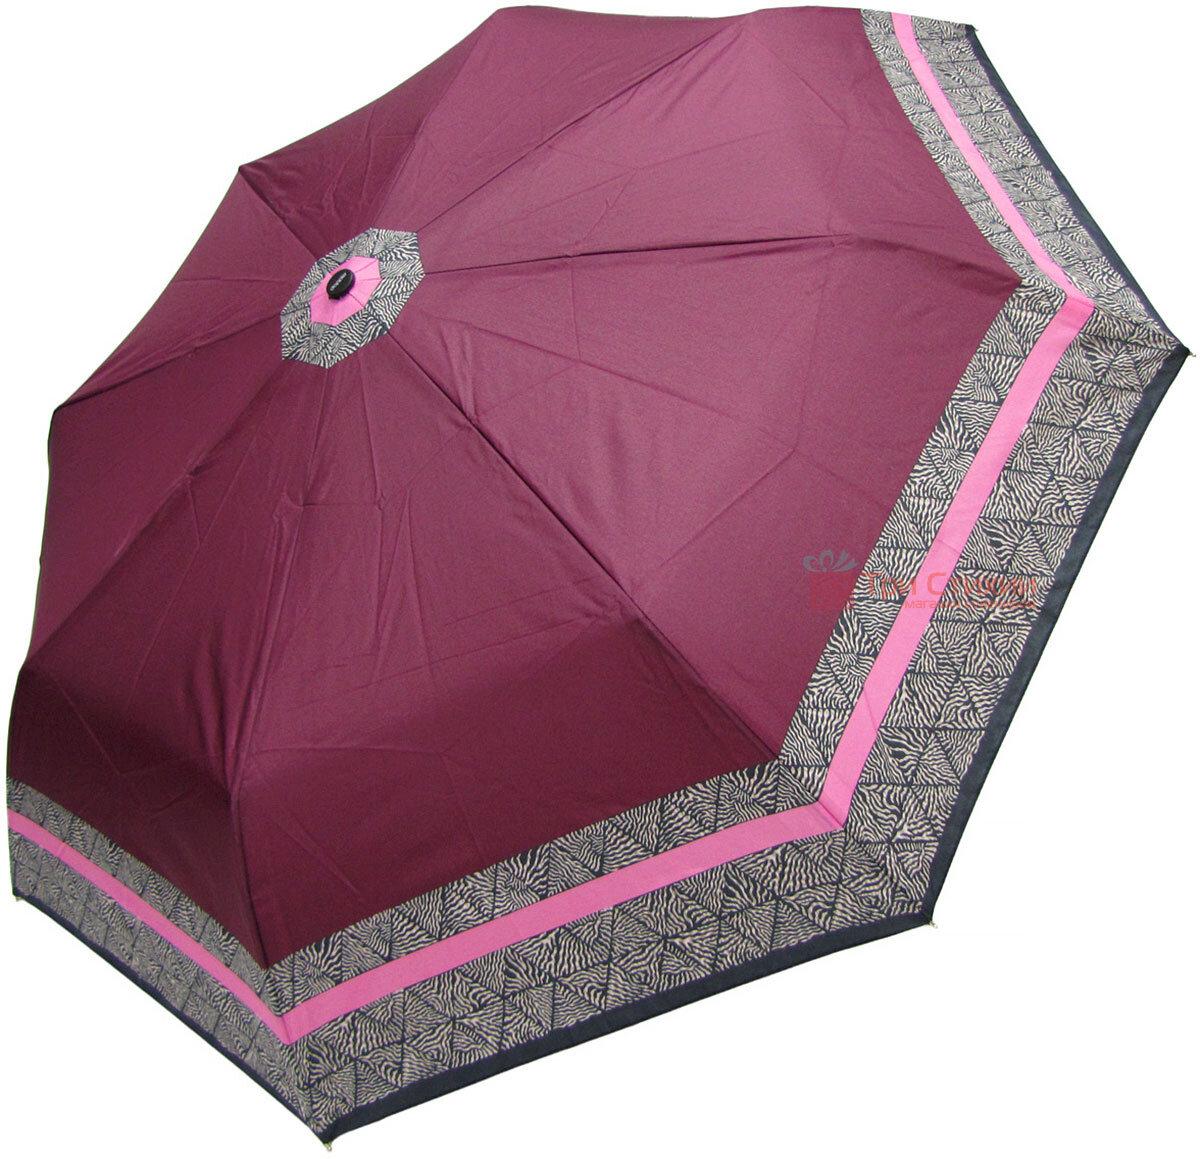 Зонт складной Doppler 7301653003-1 полуавтомат Бордовый Кант, фото